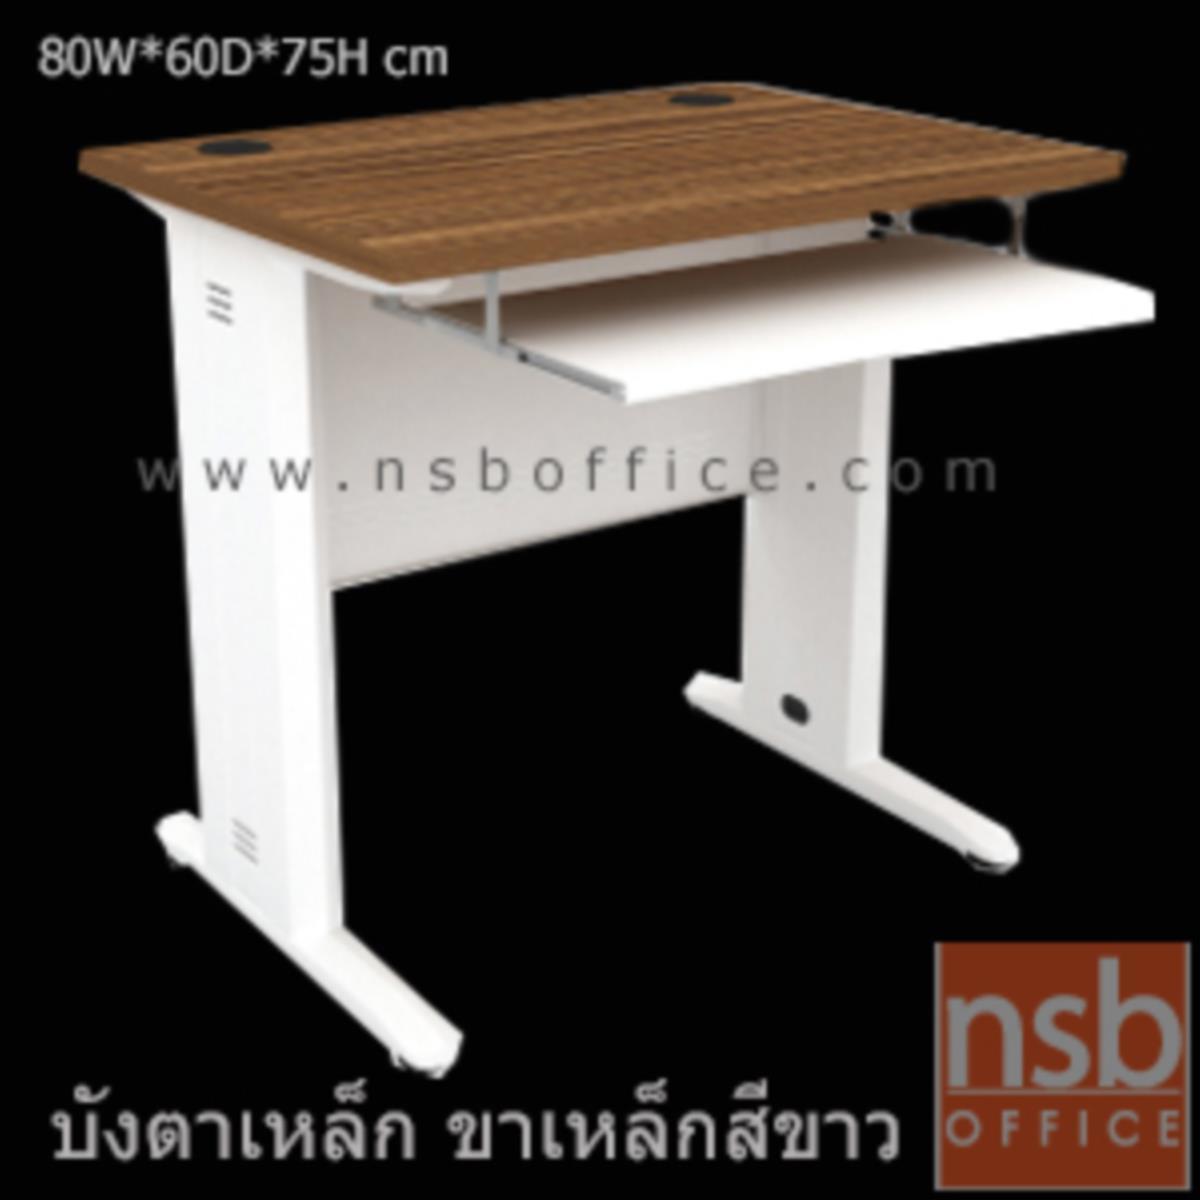 โต๊ะคอมพิวเตอร์  รุ่น Royal (โรยัล) ขนาด 80W cm. สีซีบราโน่-ขาว